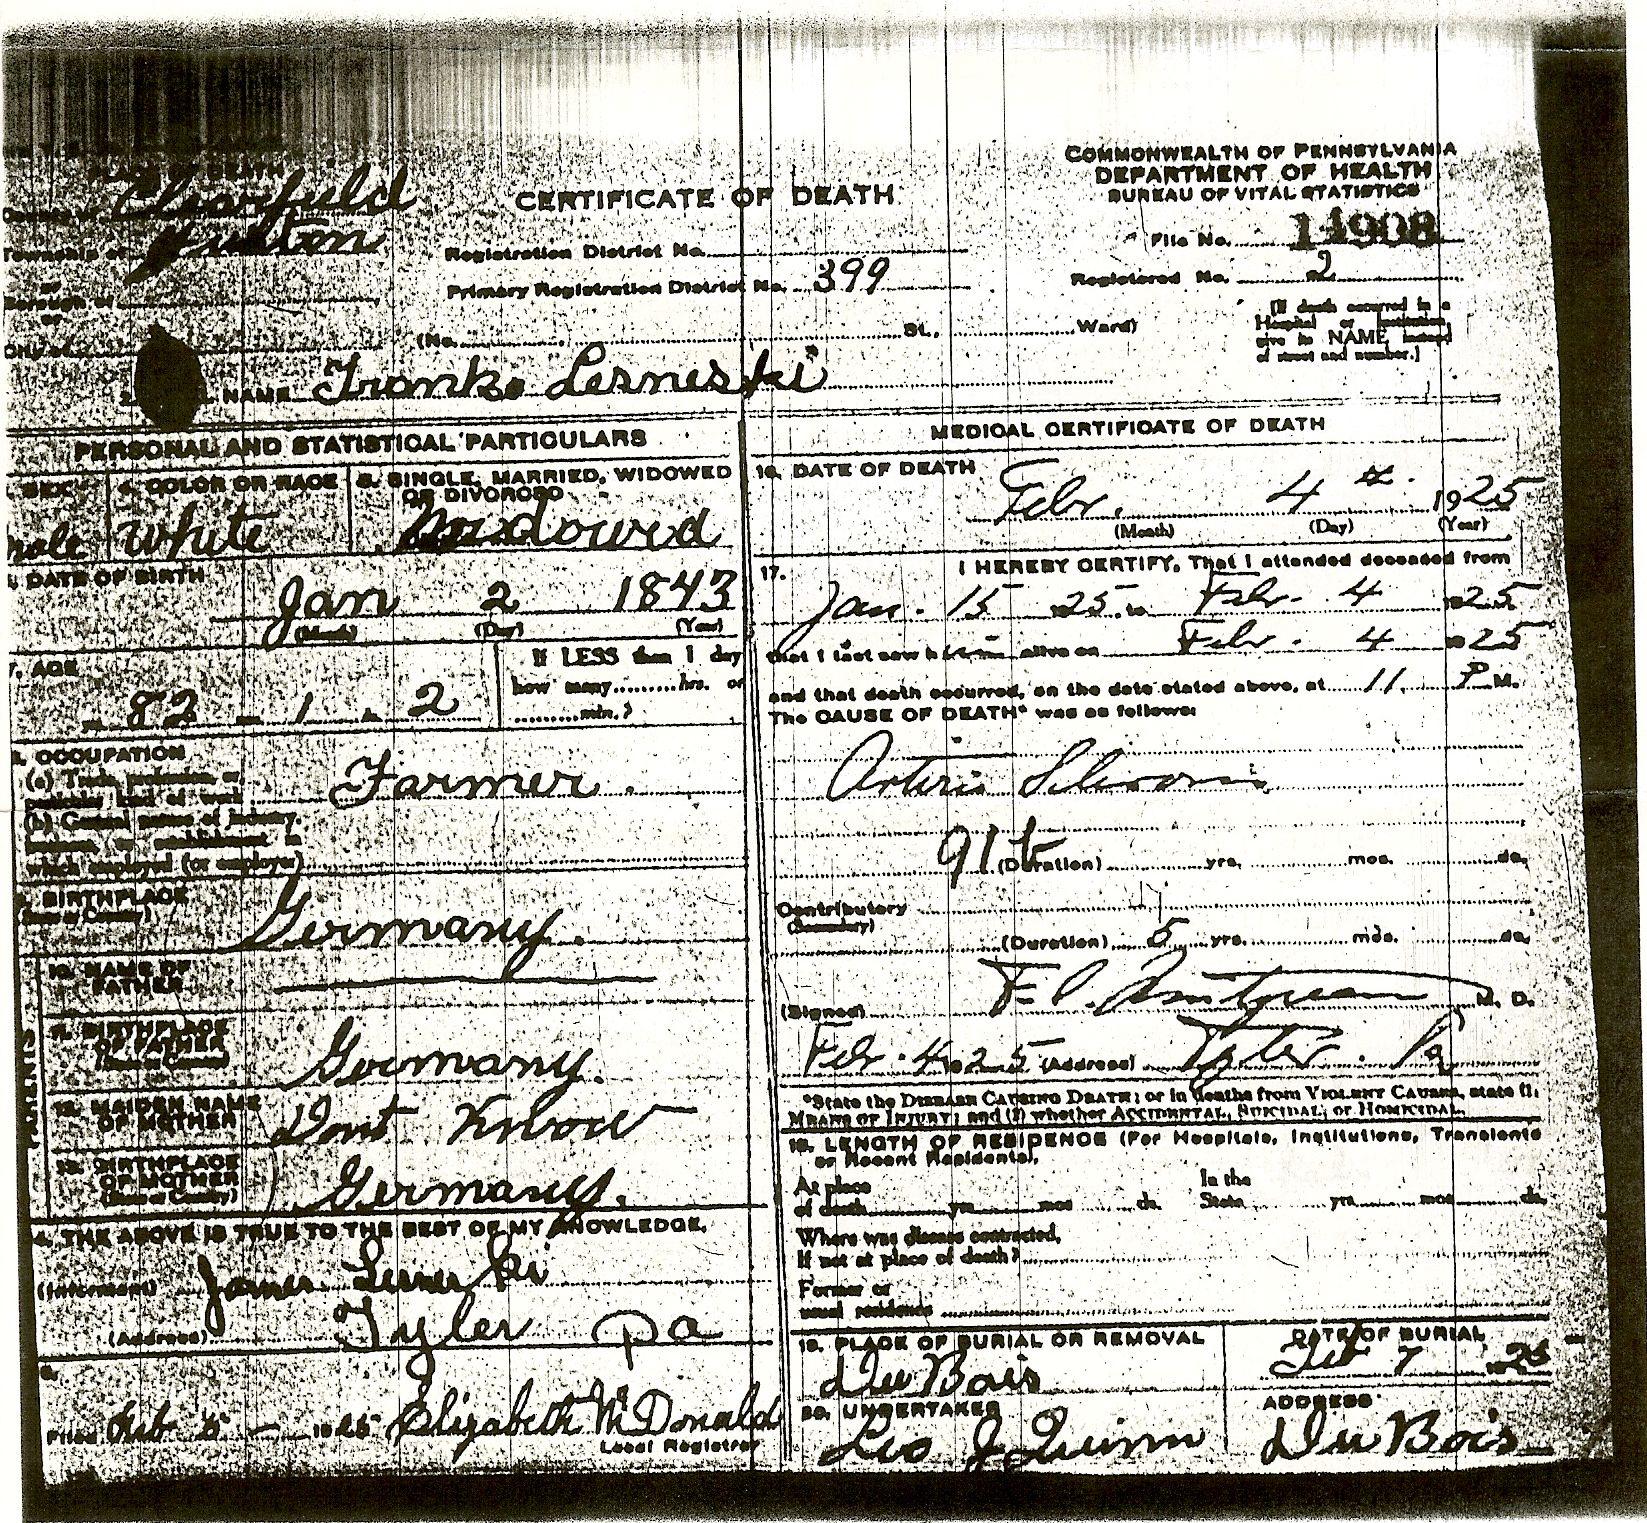 Lesneski Family History